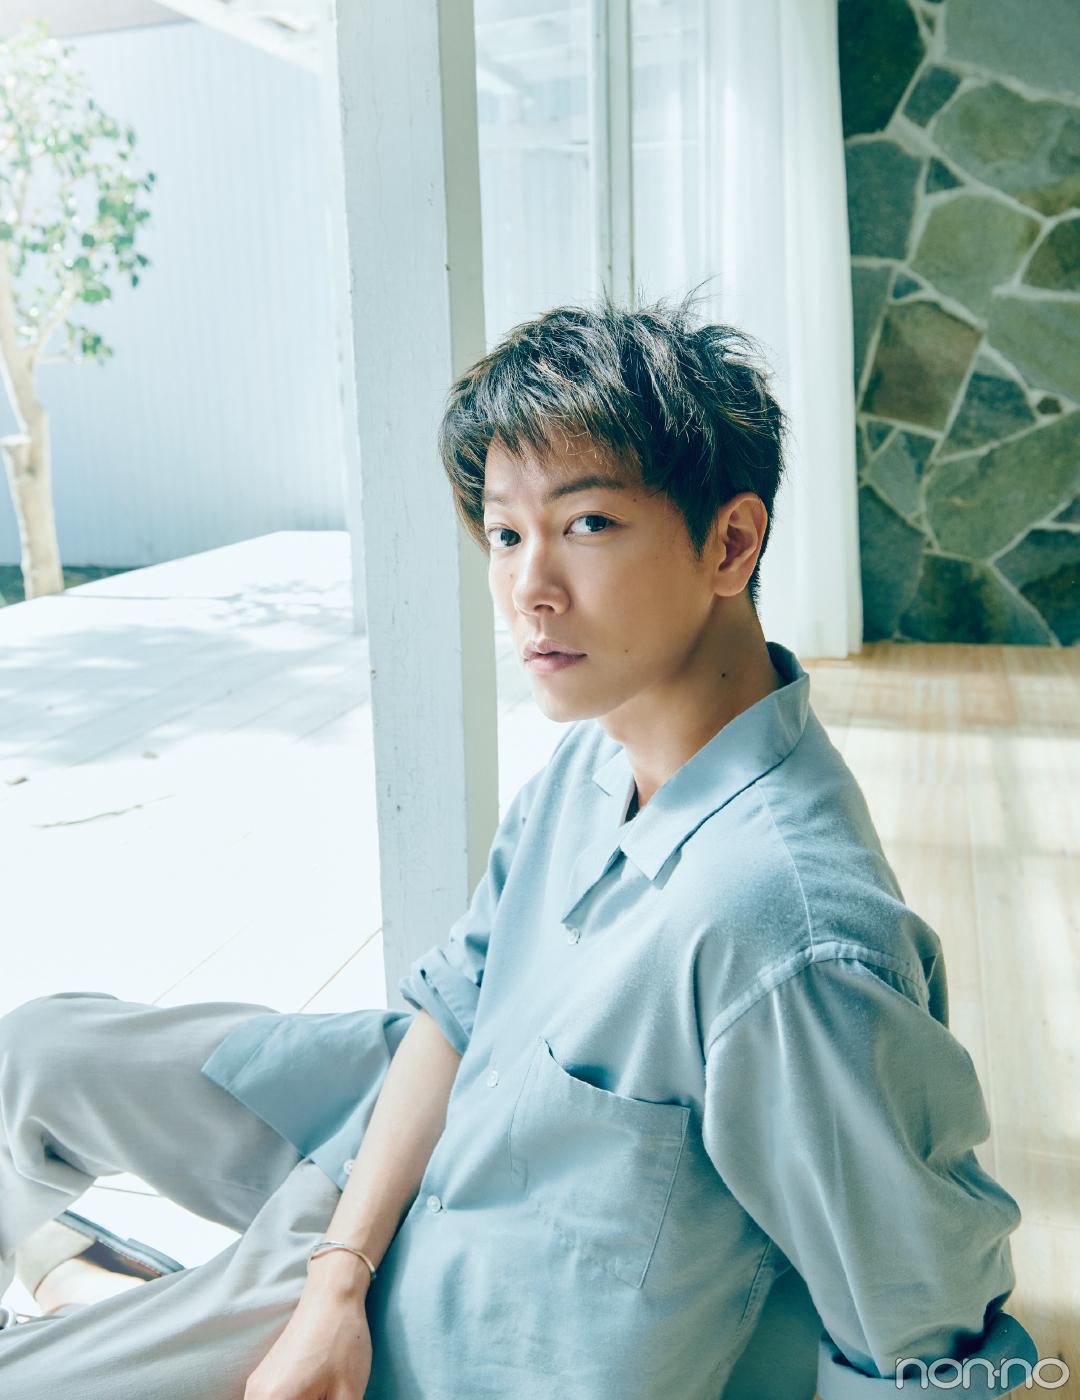 佐藤健、あらゆる質問を「解く」最近キュンとした韓国ドラマ